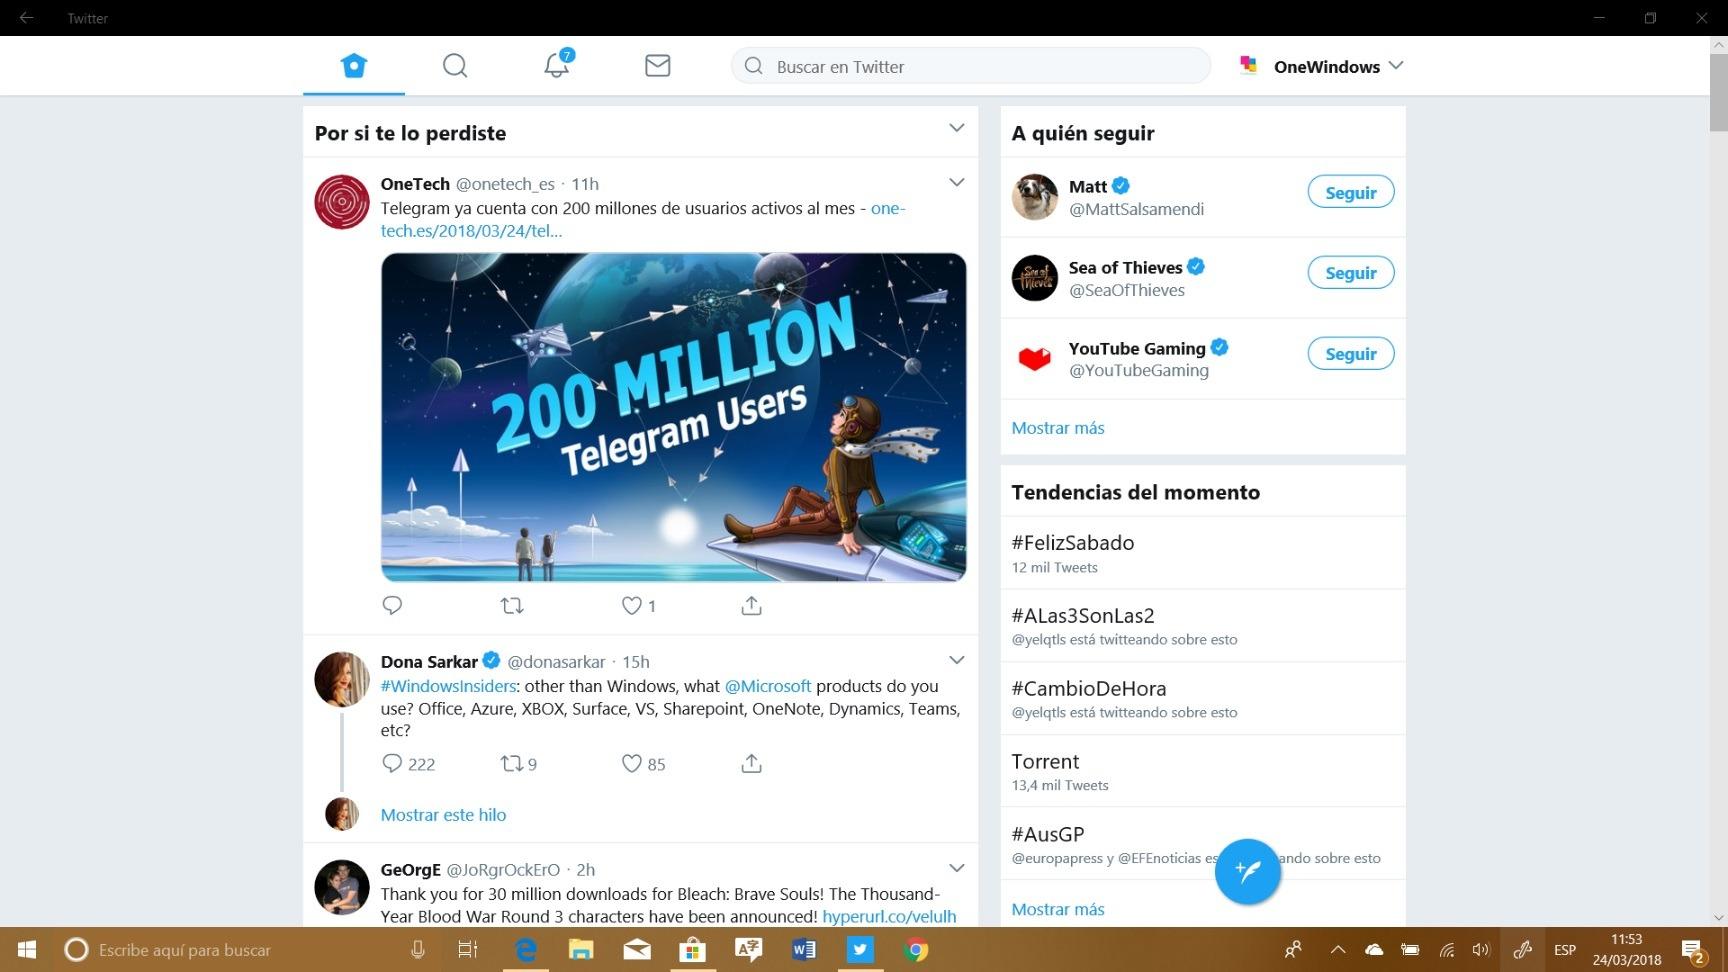 Twitter actualiza su Aplicación Universal para Windows 10 a Aplicación Web Progresiva